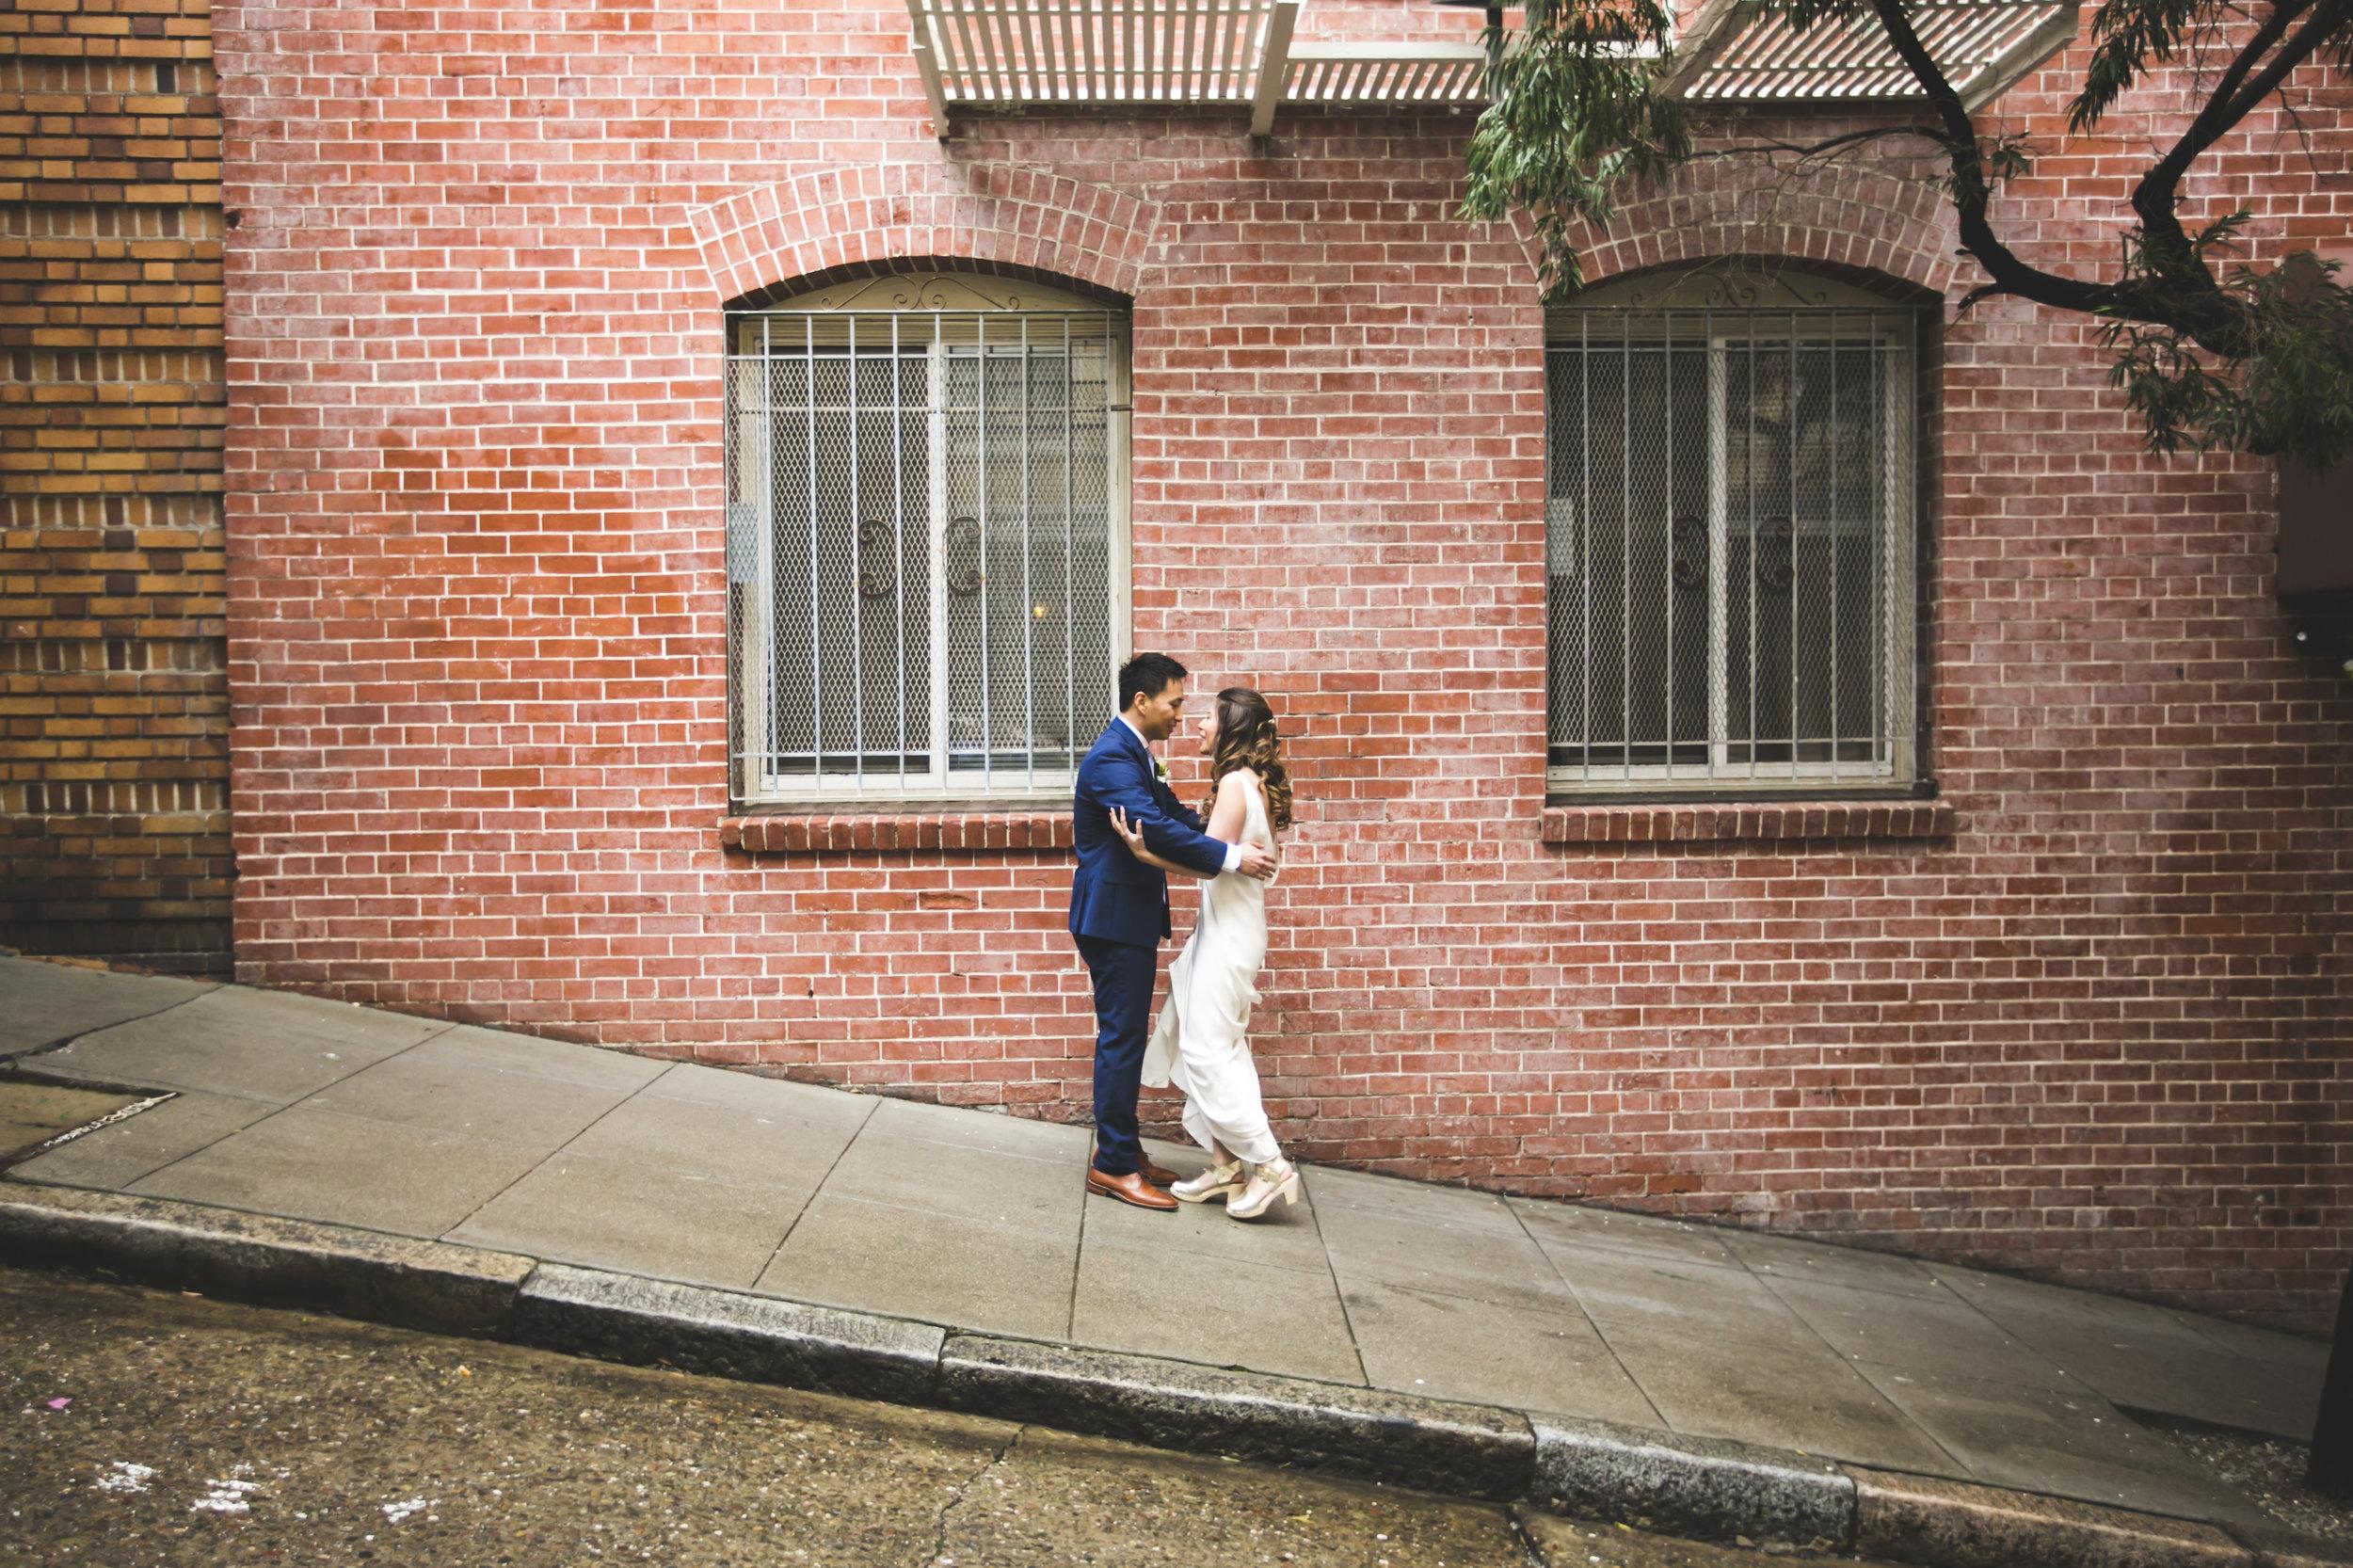 WEDDING PICS - click to see wedding photos